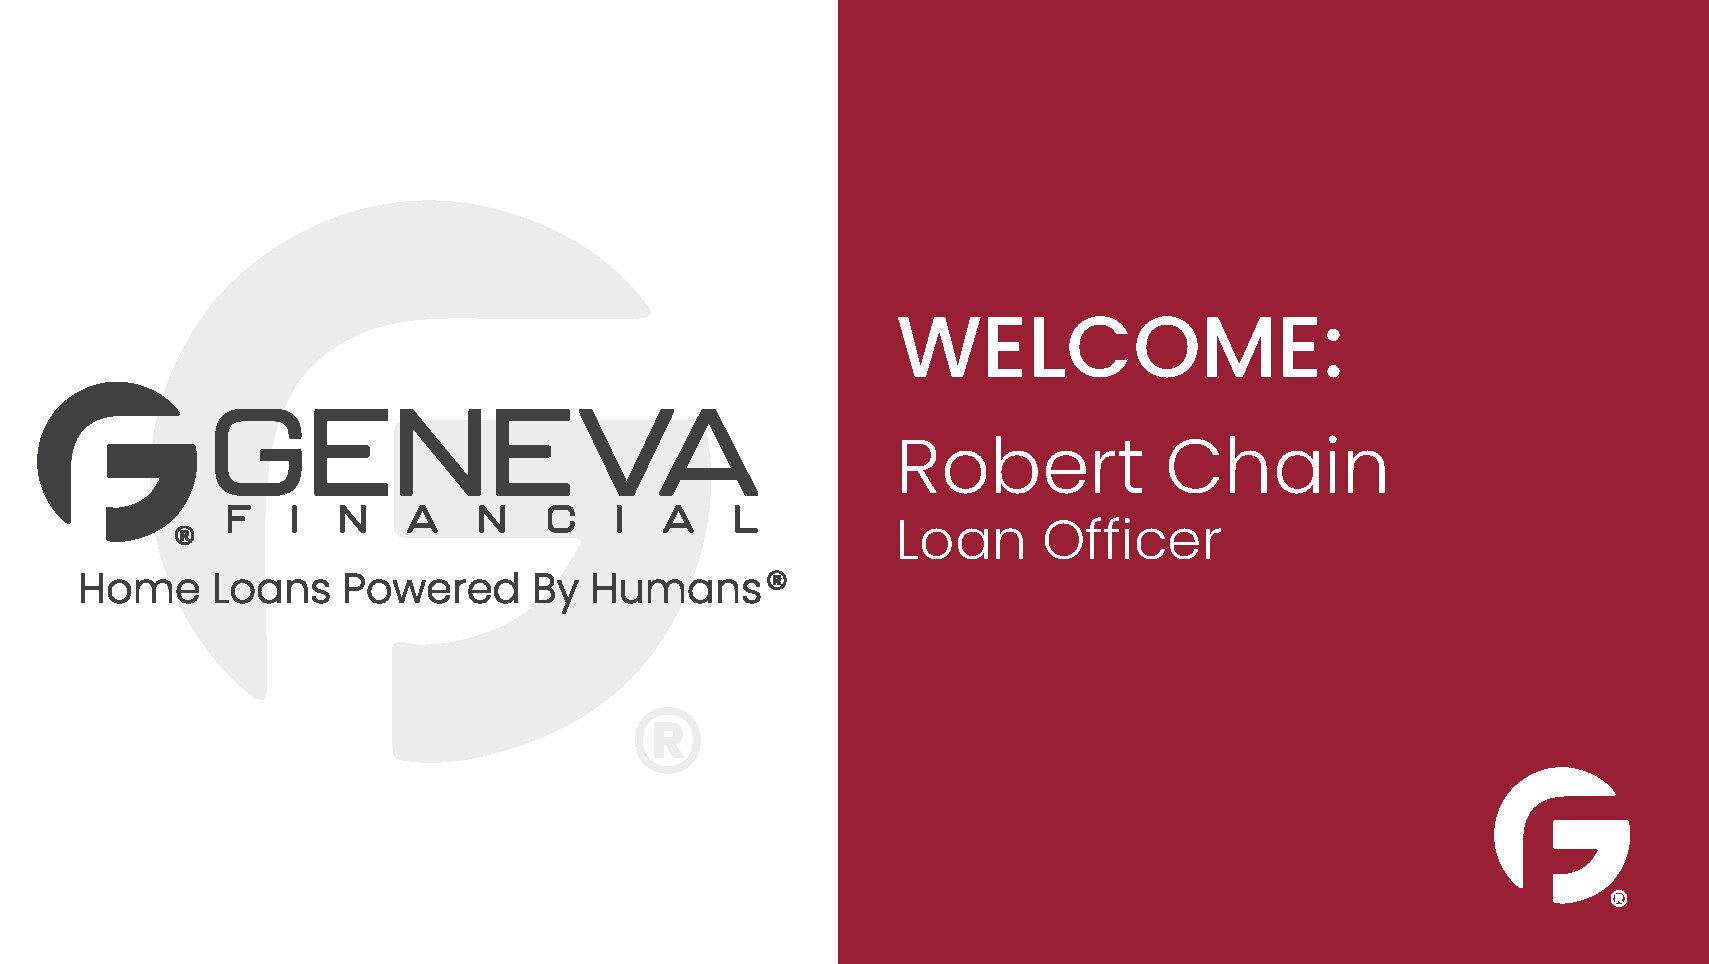 Robert Chain, Loan Officer, Connecticut